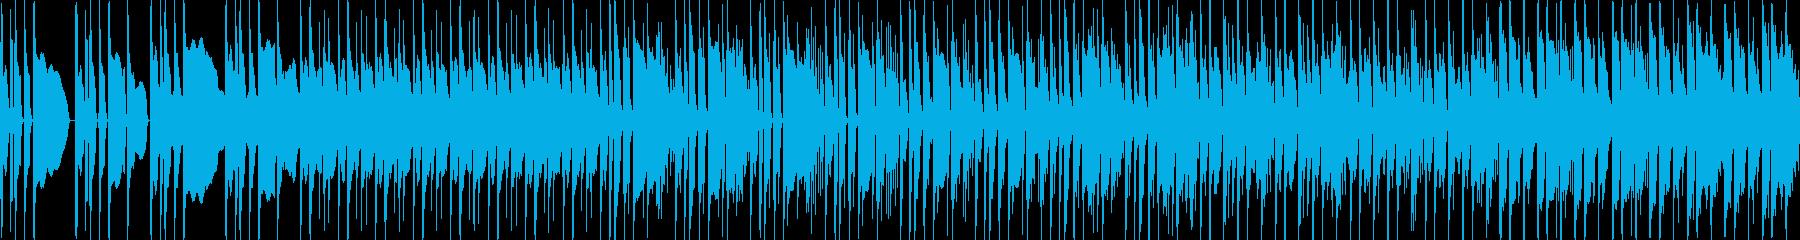 怪しいベースと激しいギターが絡み合う、…の再生済みの波形